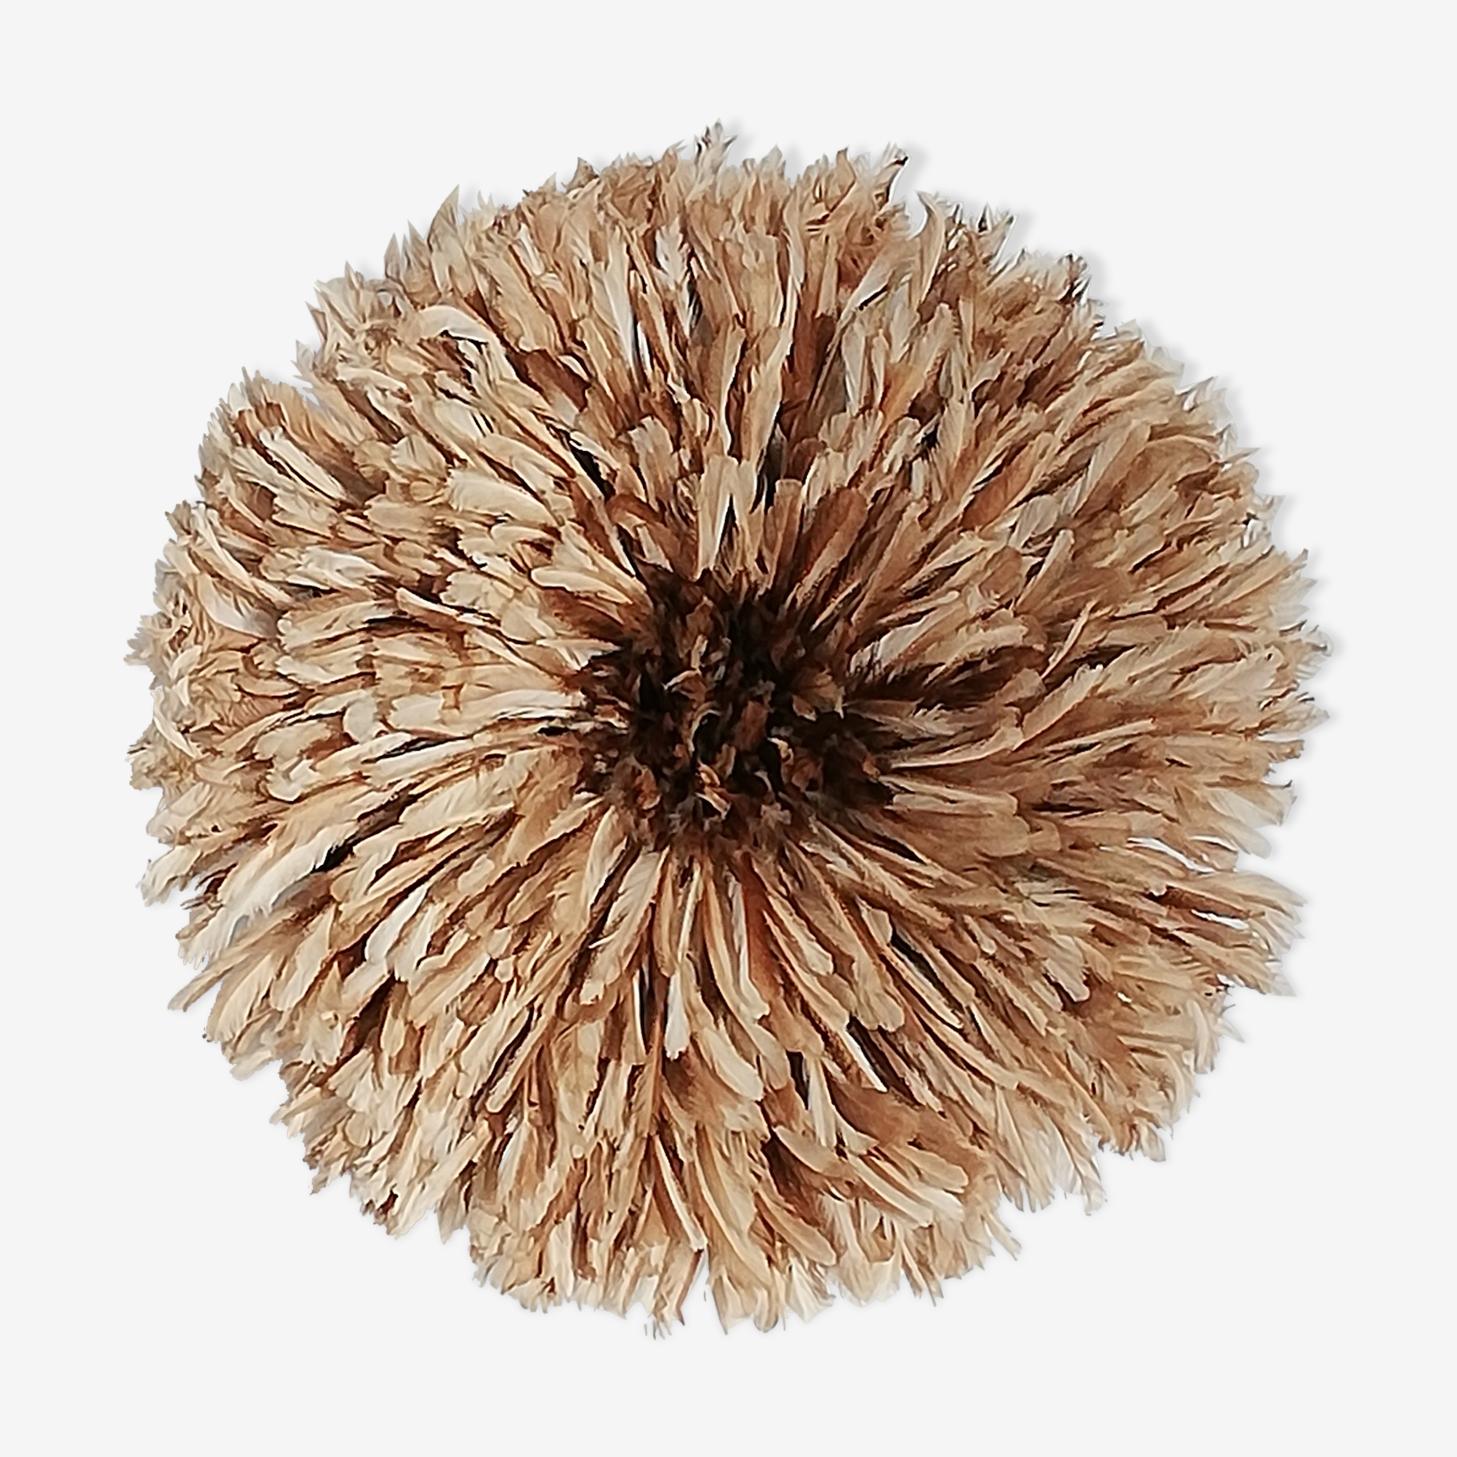 Natural Juju hat 60cm diameter